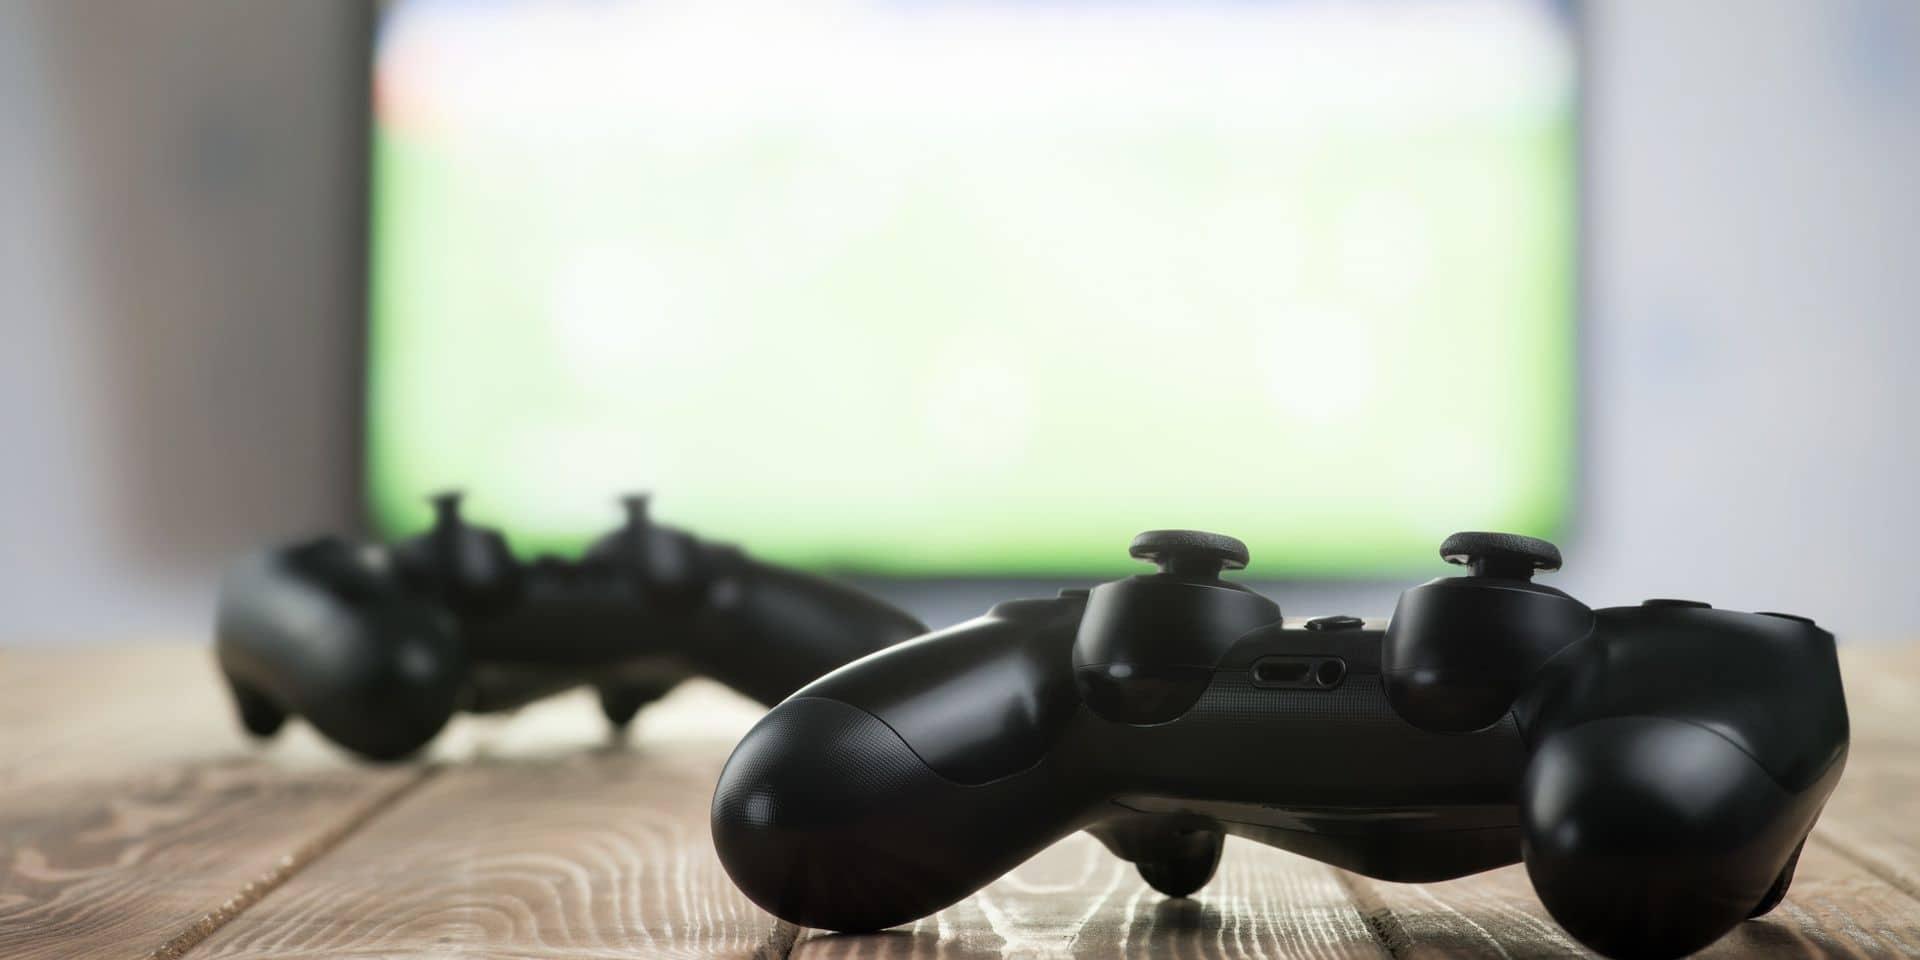 Sony va investir 15 milliards d'euros, notamment dans les jeux vidéos